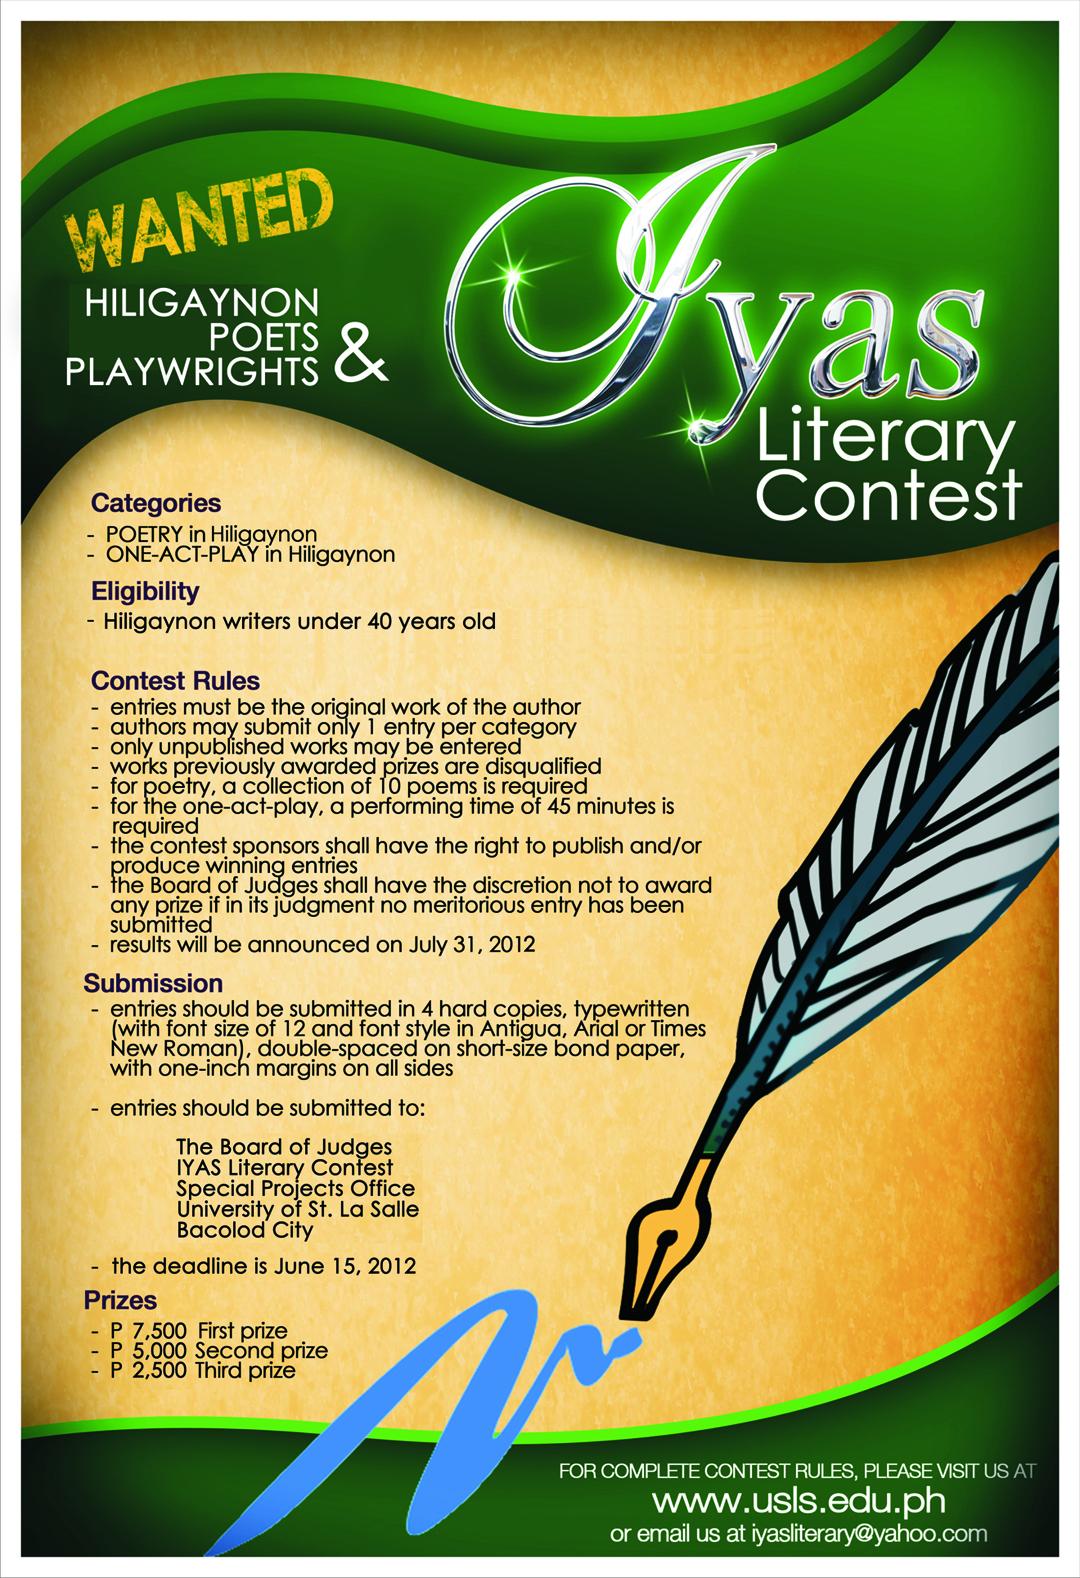 14th iyas artistic creating workshop